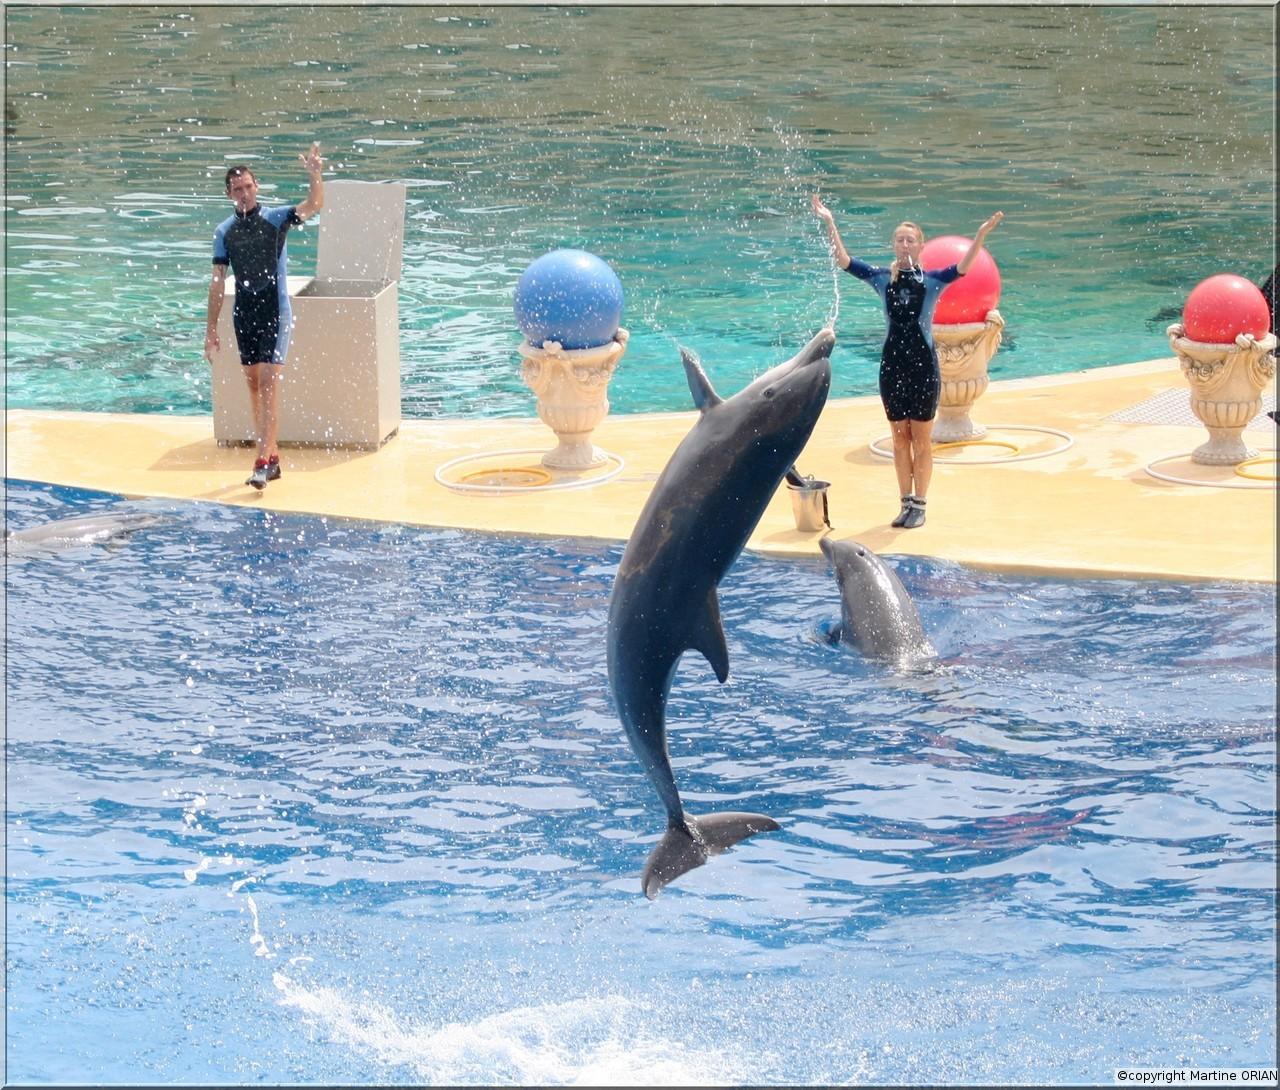 france les rencontre agee dauphins femme rencontre avec  Nous sommes loin des clichés cibler votre recherche grâce à.